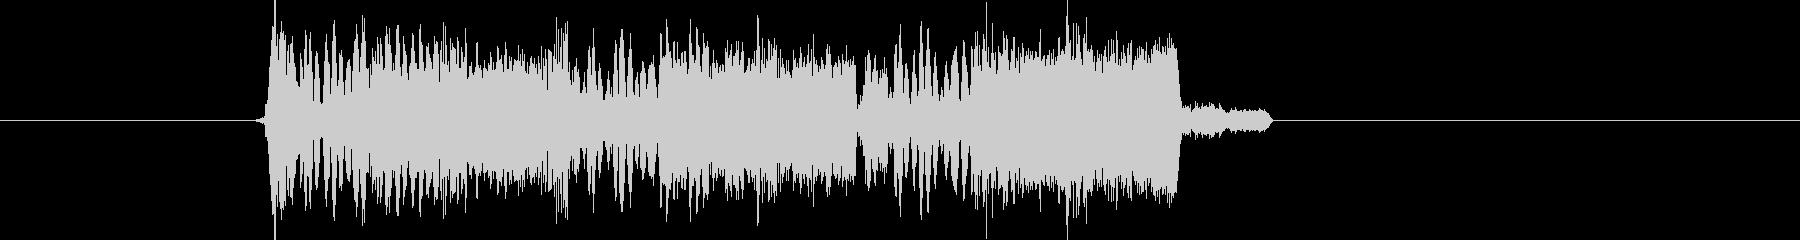 Vigorous synthesizer's unreproduced waveform